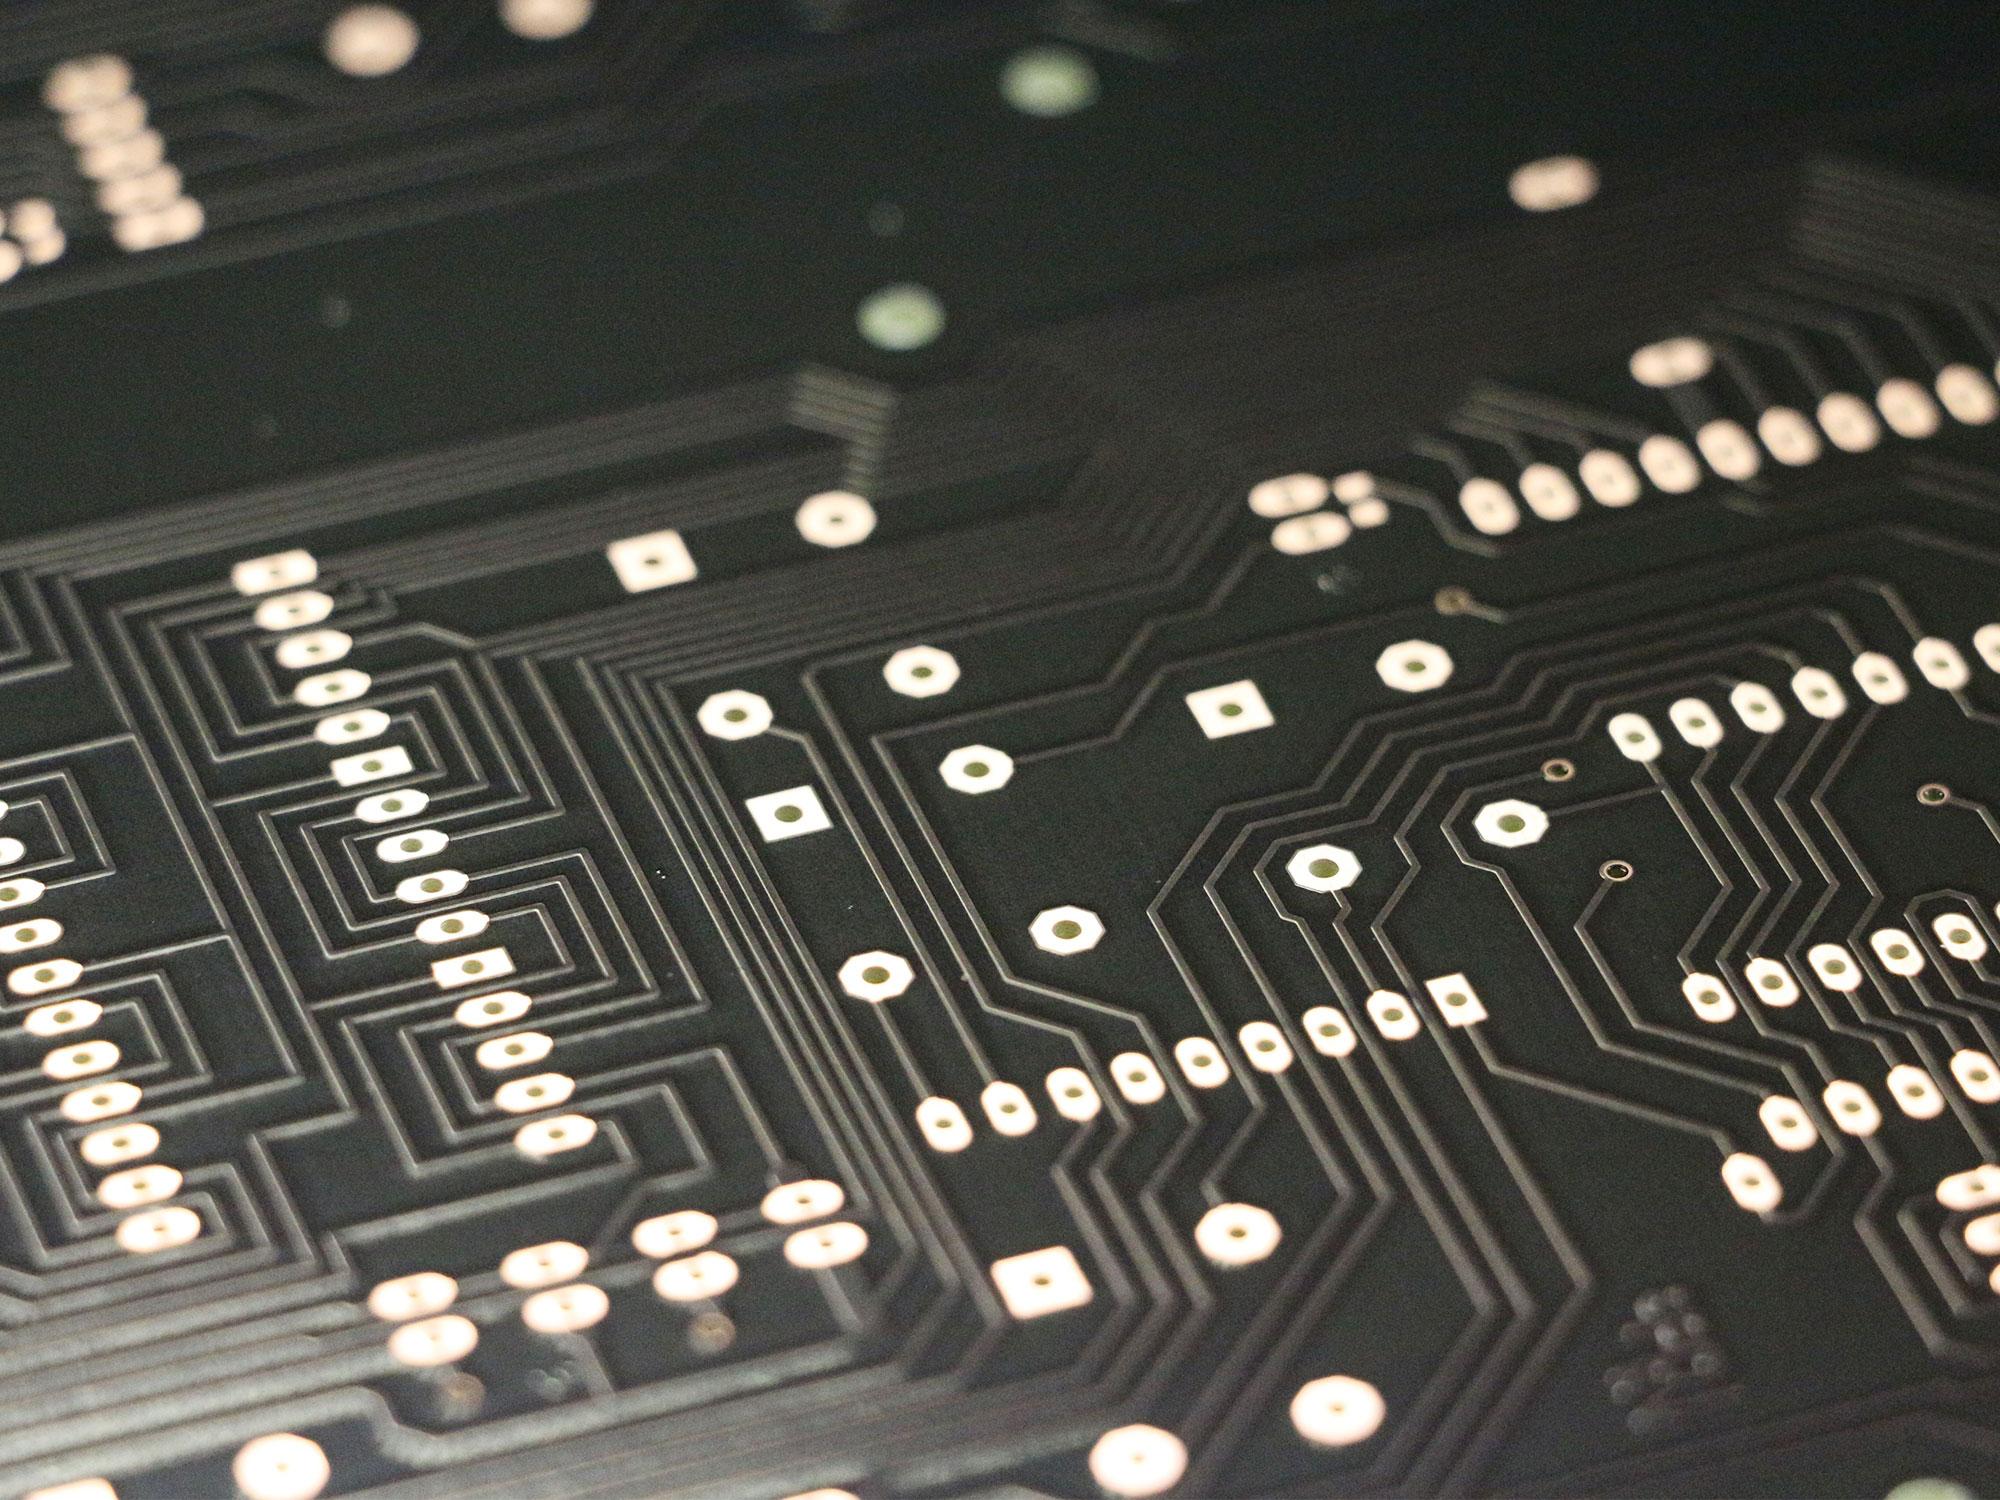 Black solder resist